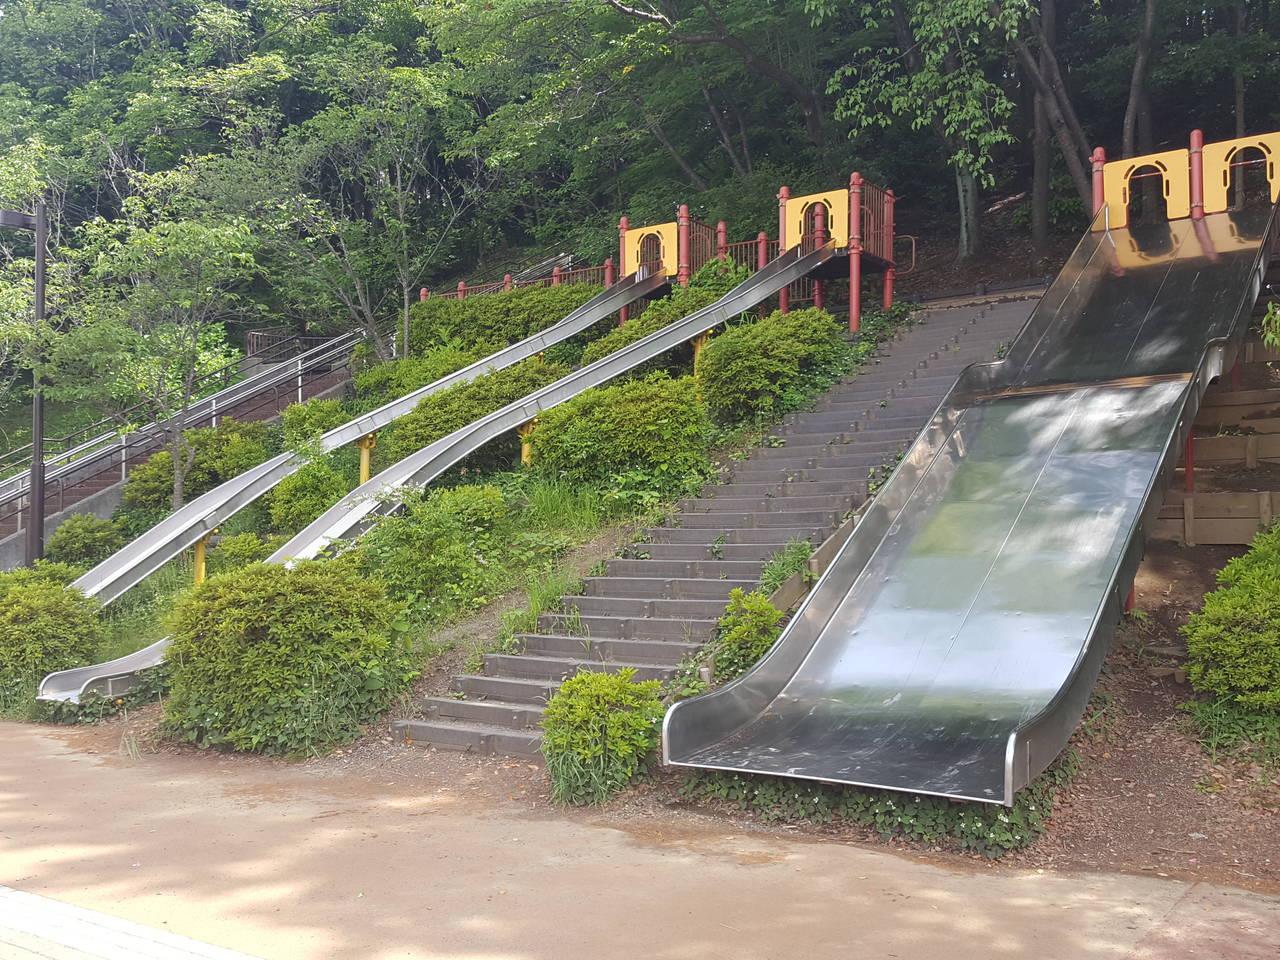 【東京】ステンレスタイプの3連すべり台「小山内裏公園」